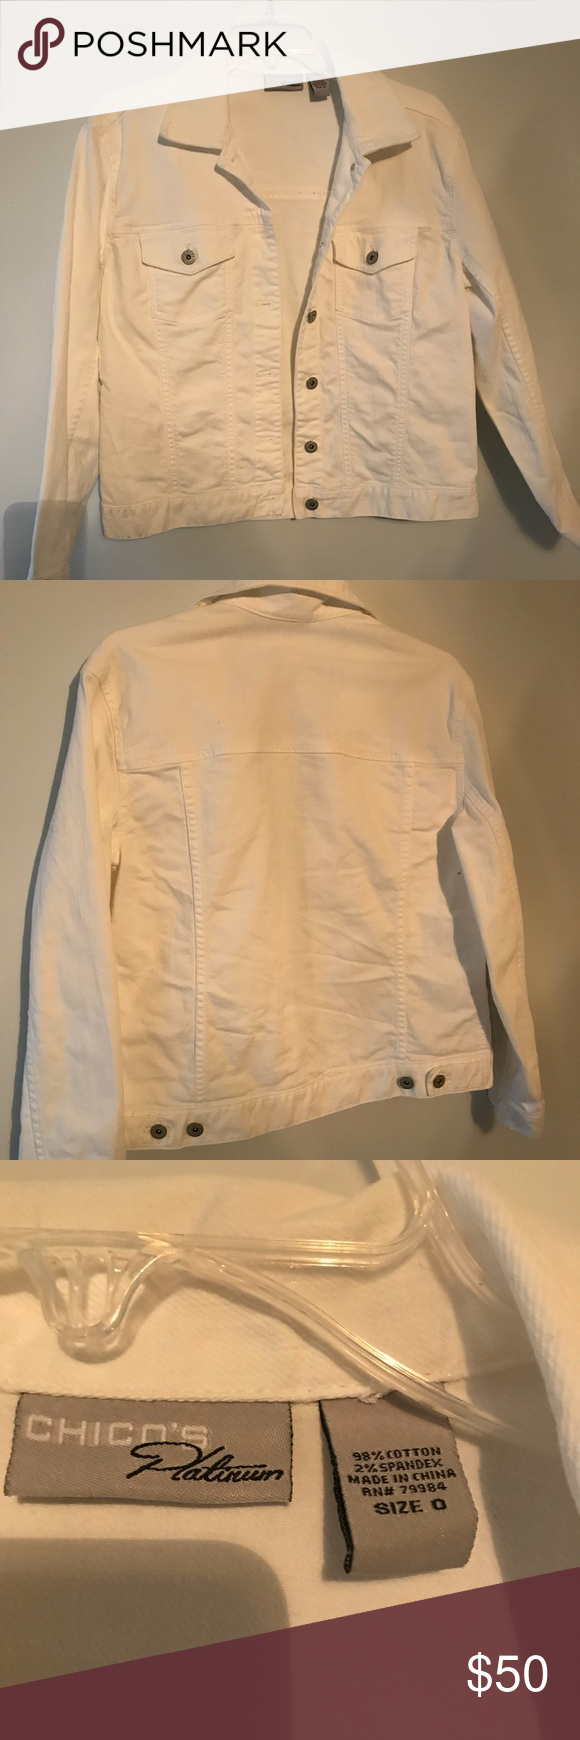 White Denim Jacket White Denim jacket Chico's Jackets & Coats Jean Jackets